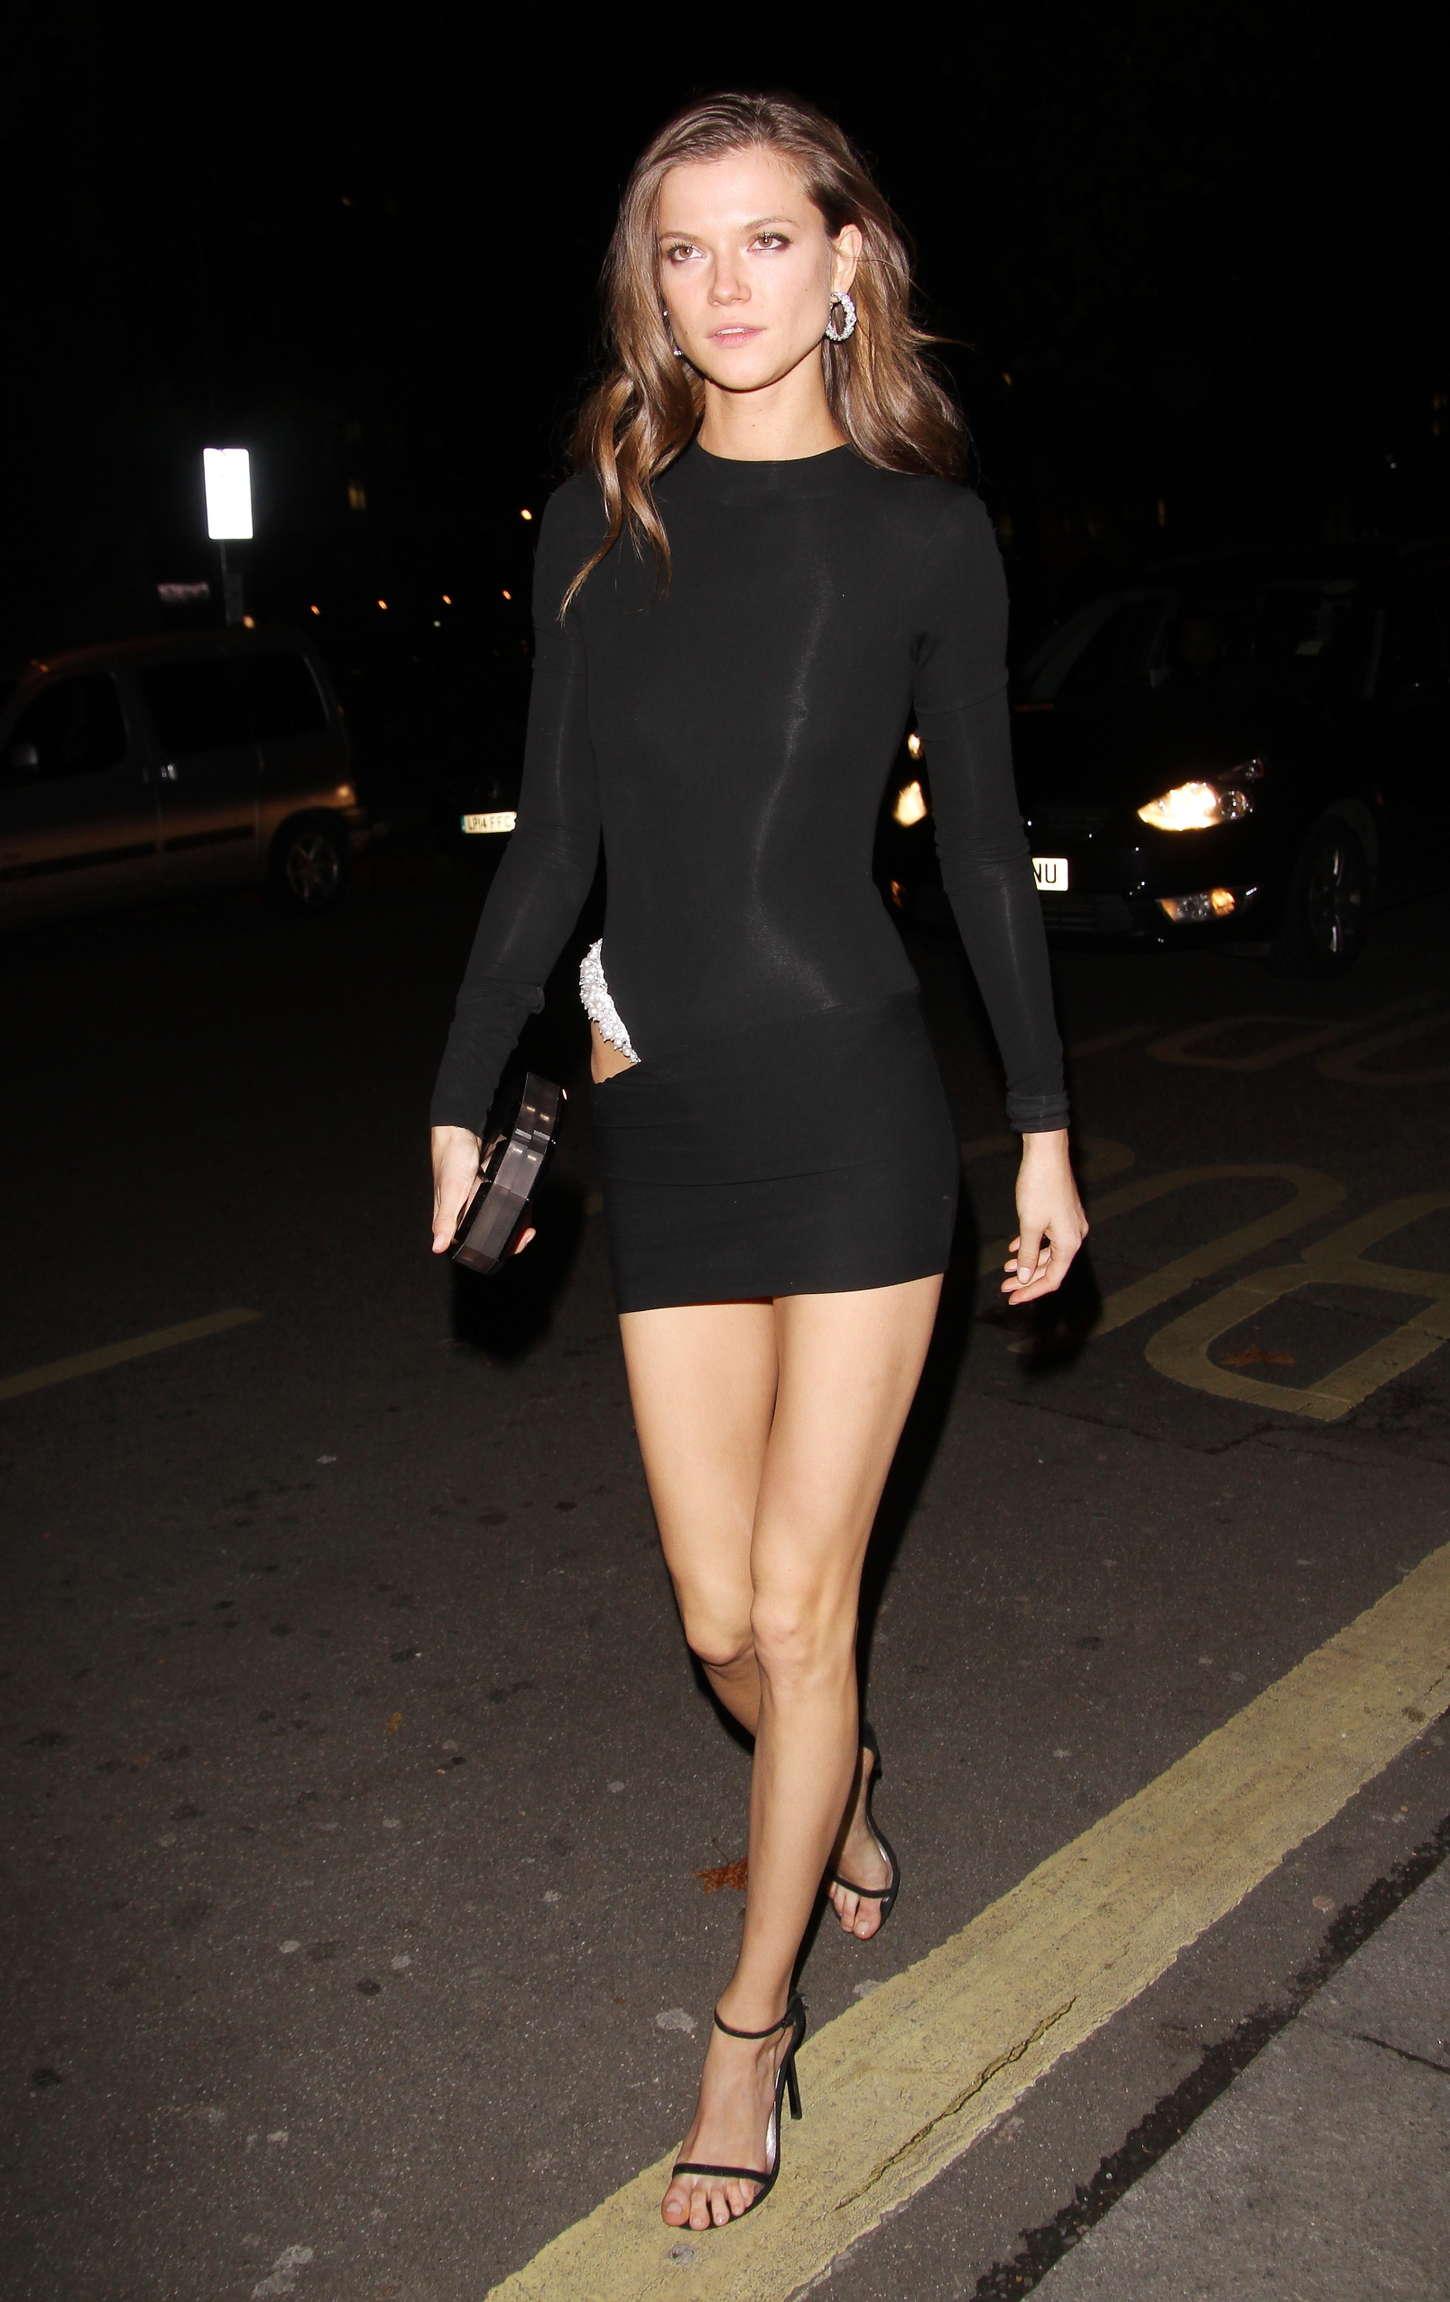 Kasia Struss Night Out In London